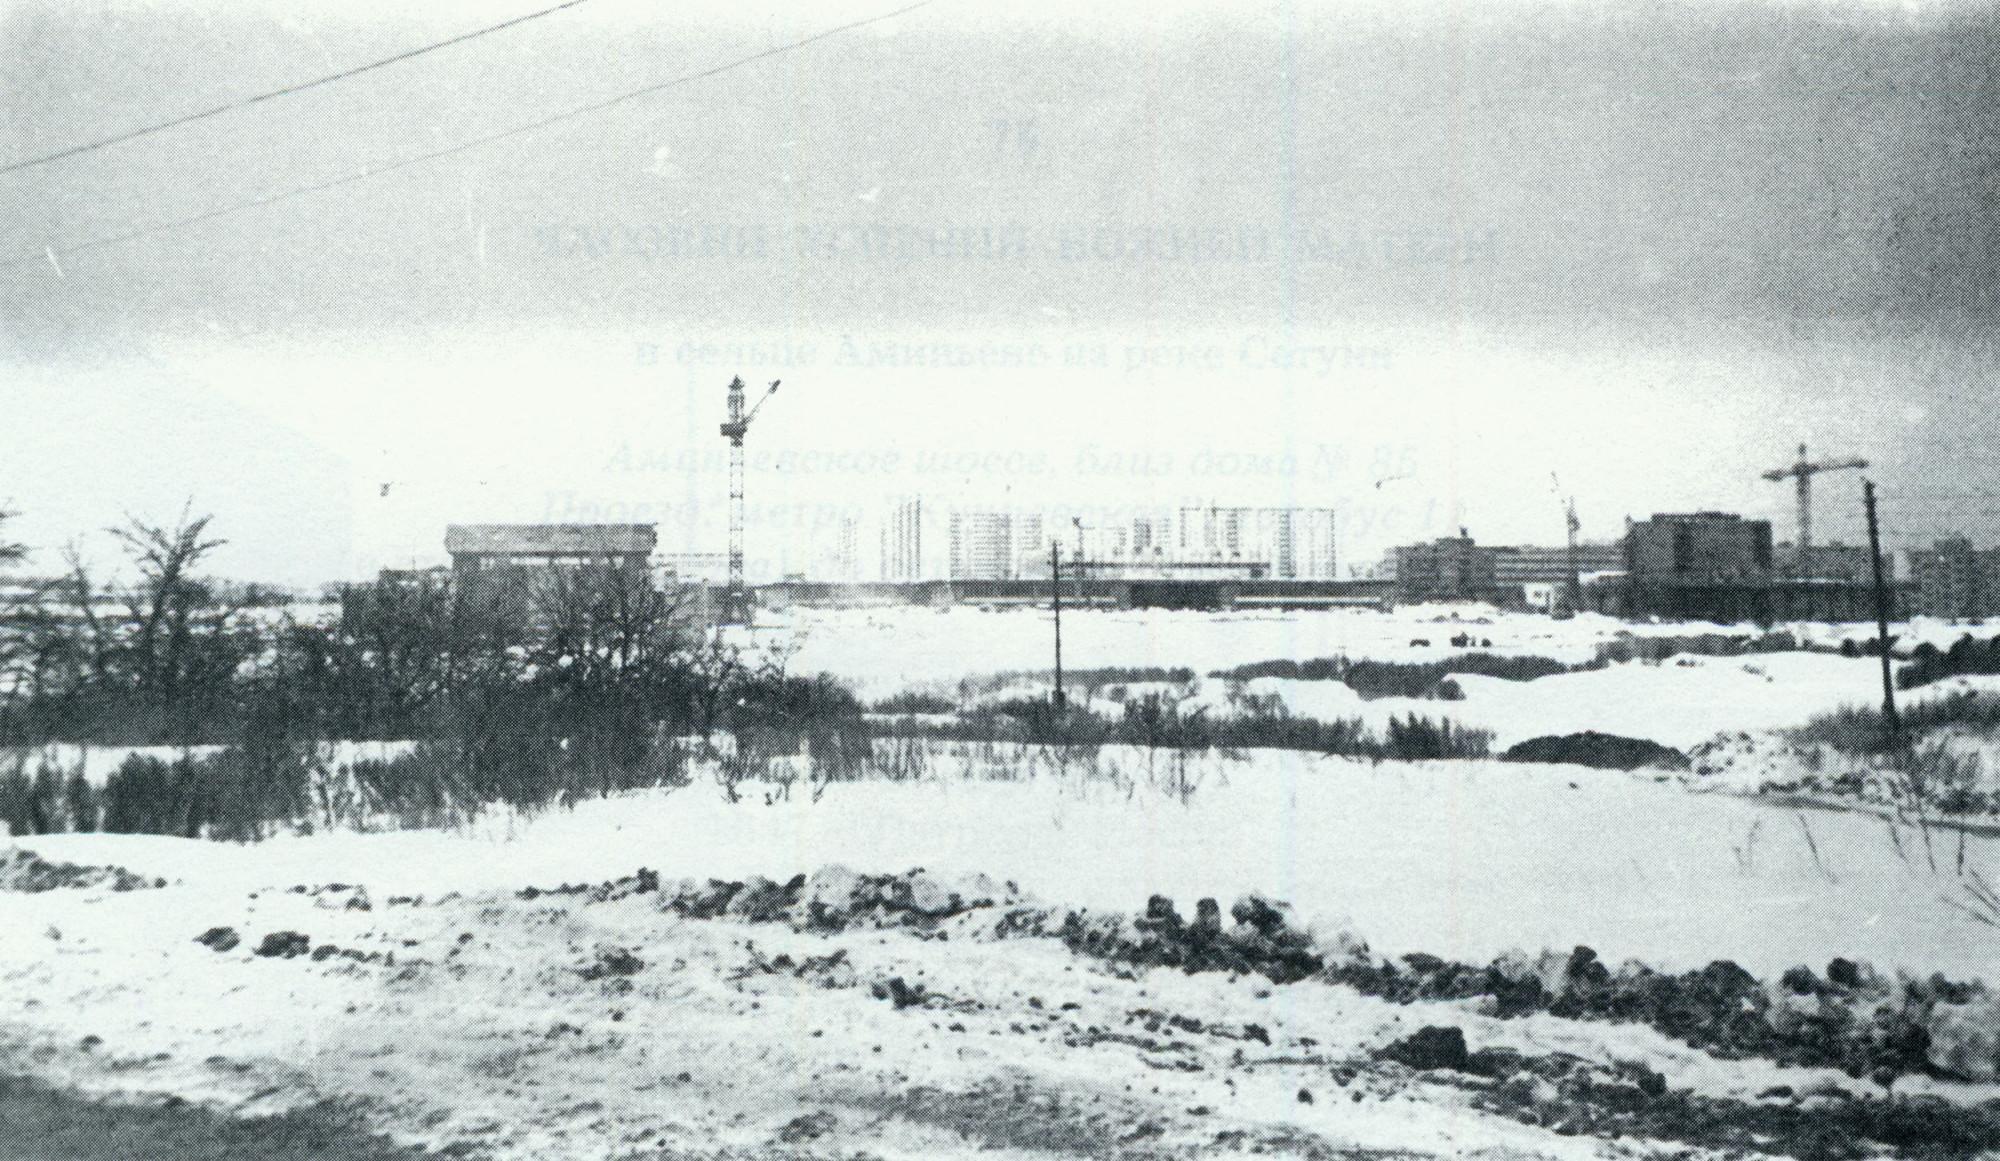 1979 Олимпийская деревня строится (вид с ул. Лобачевского). Паламарчук П.Г.